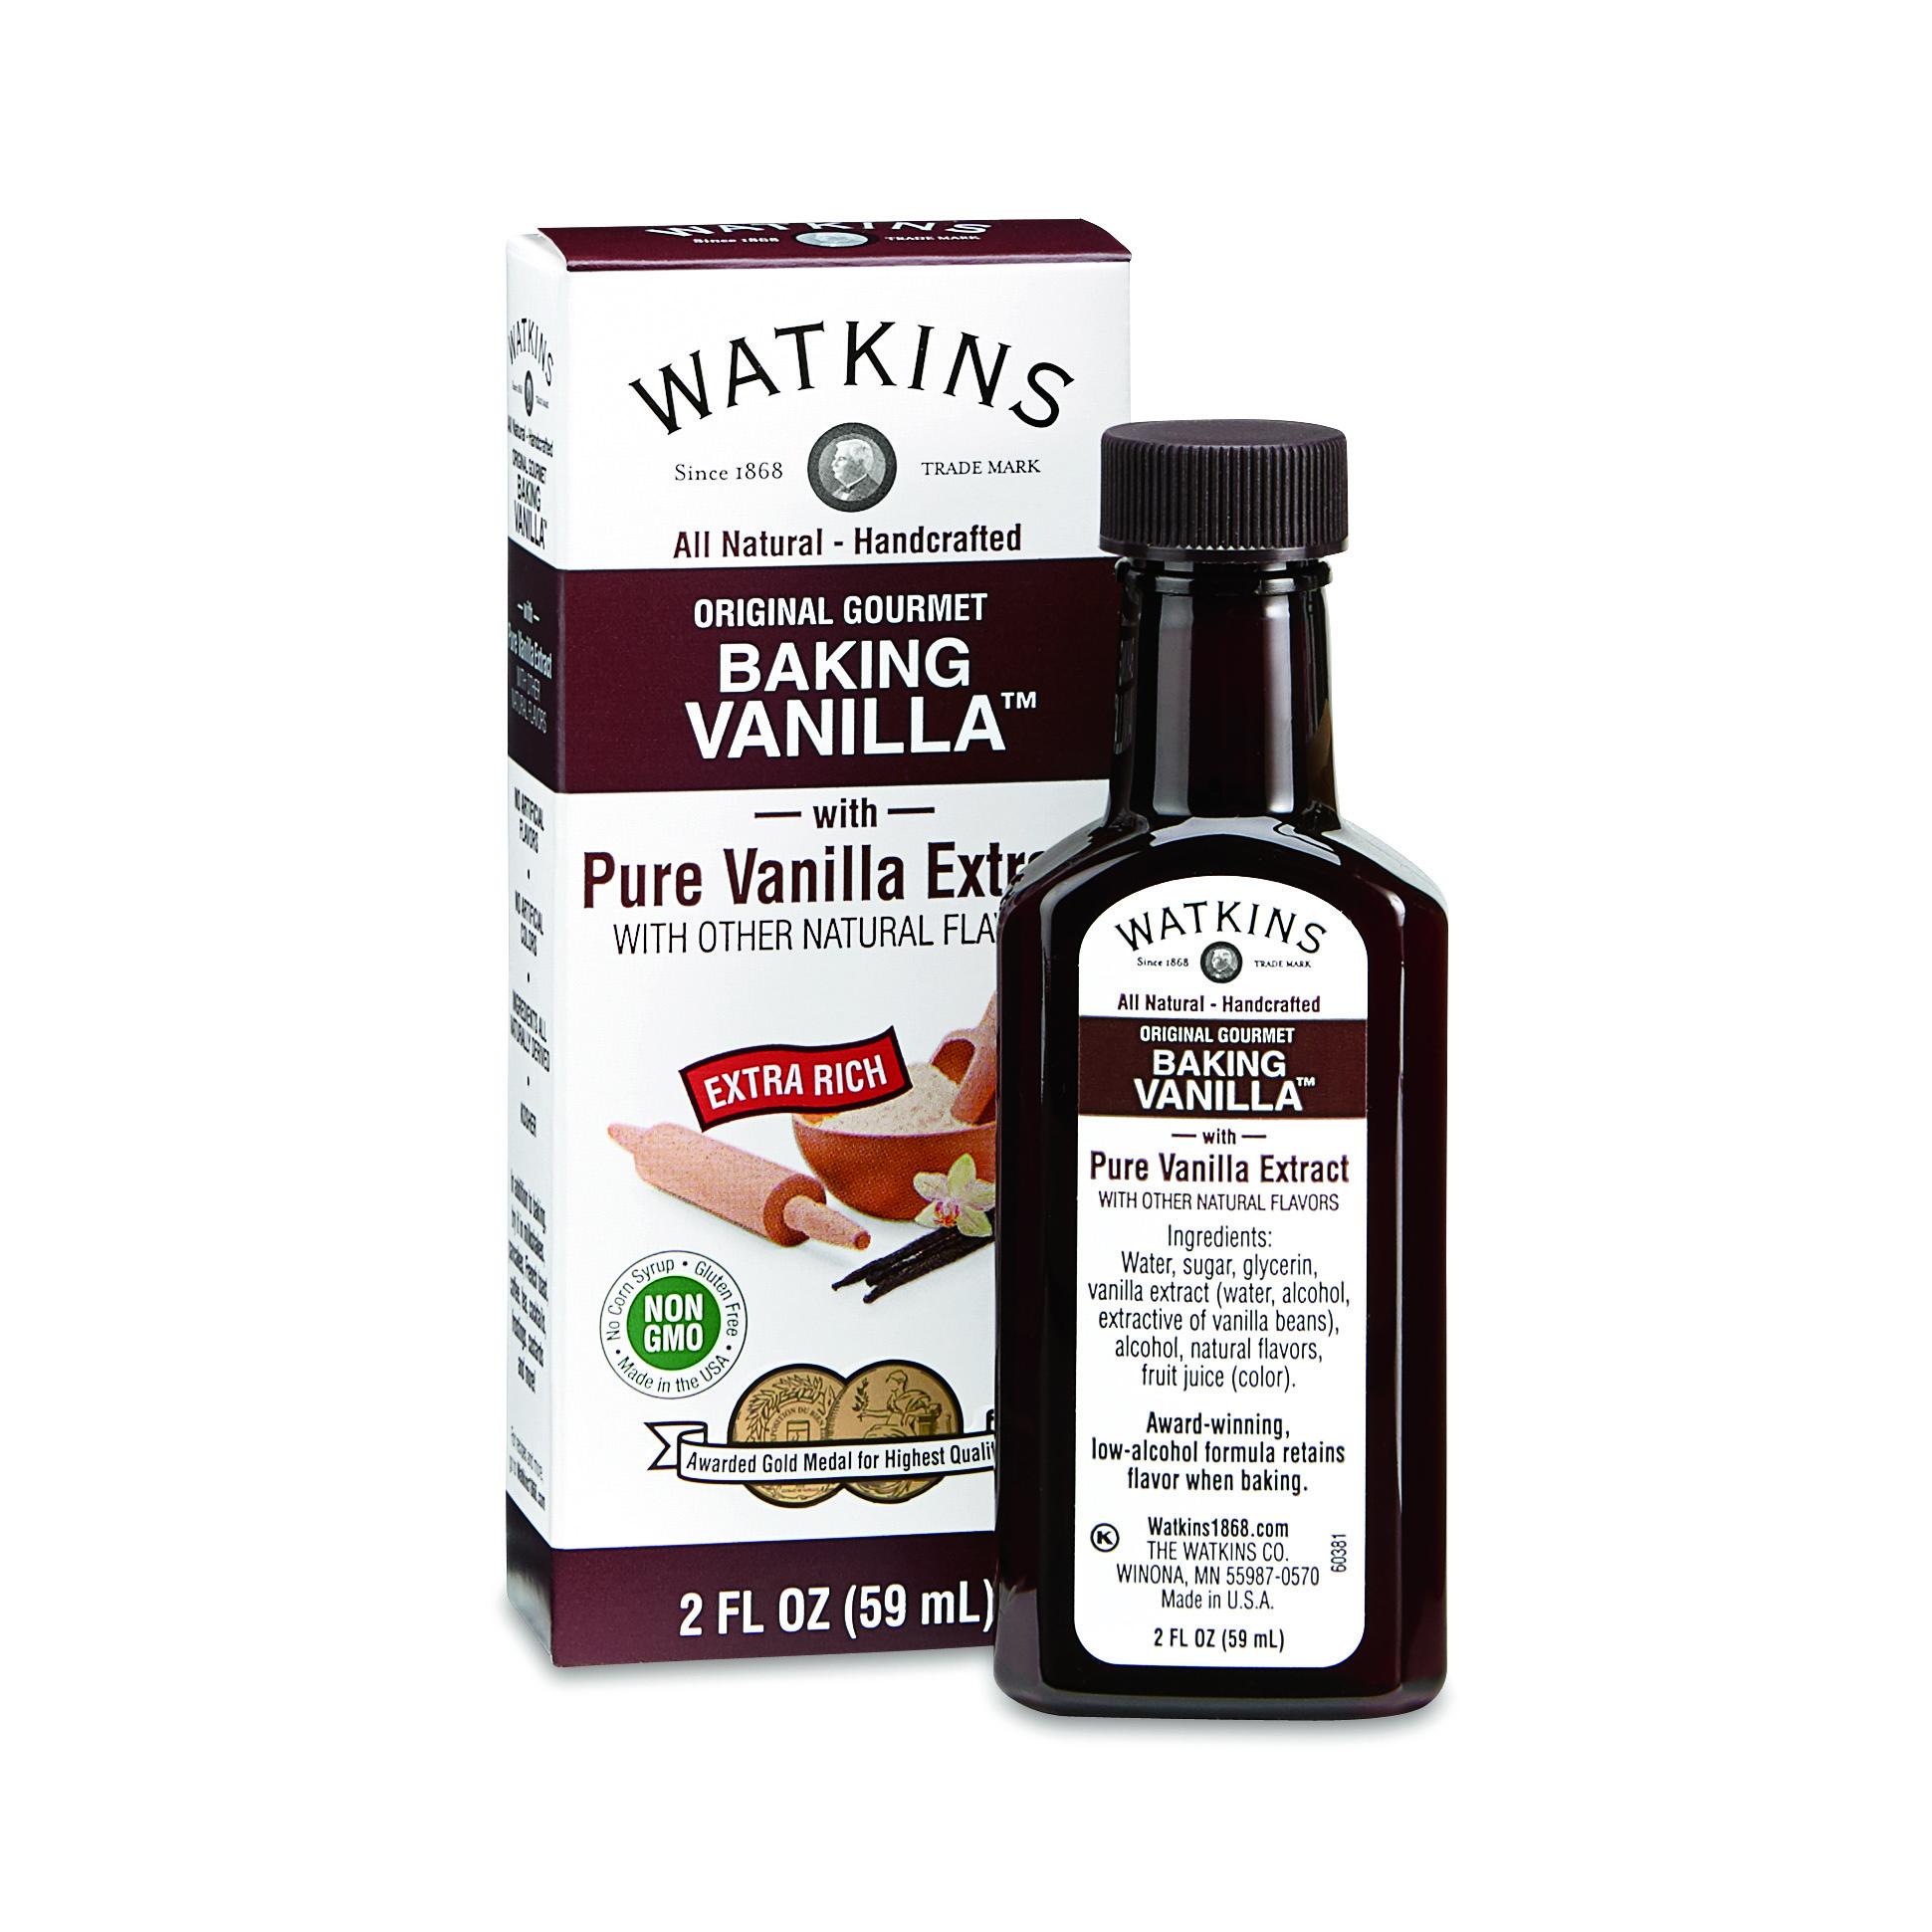 Watkins Product - All-Natural Baking Vanilla